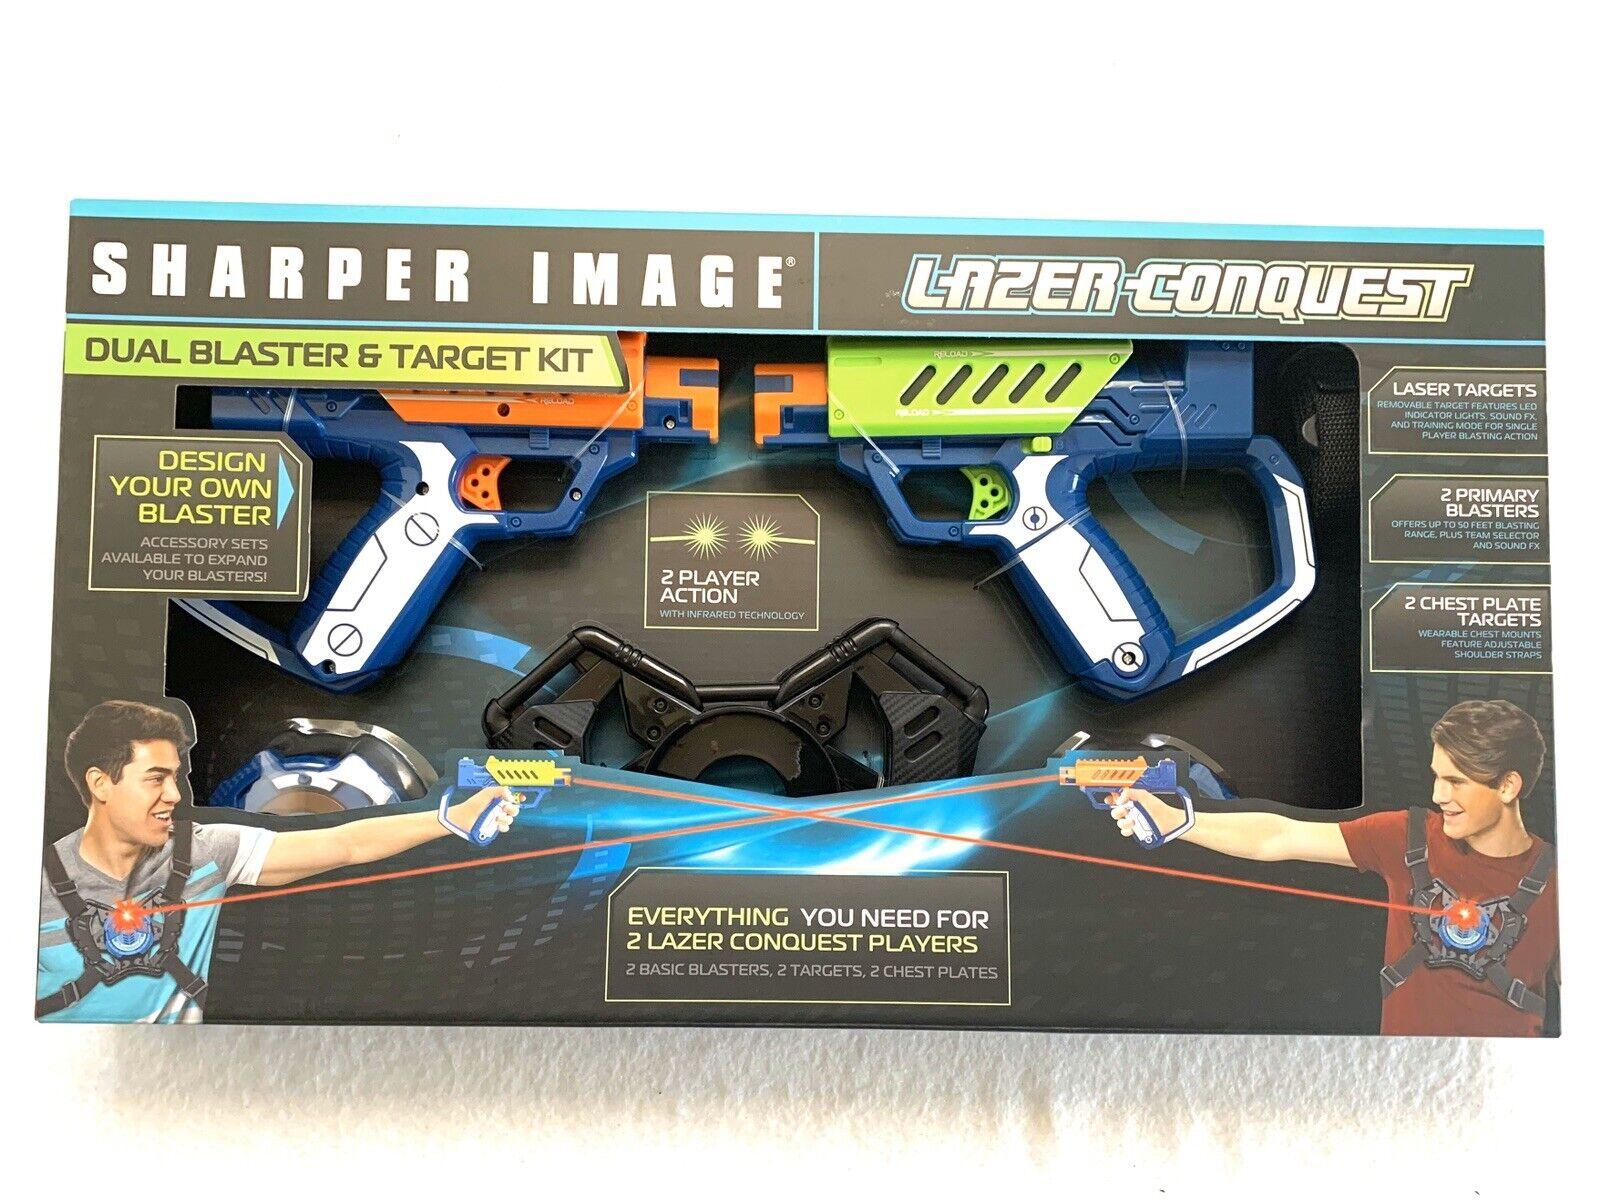 Sharper Image Laser Conquest-Dual Blaster & Target Kit